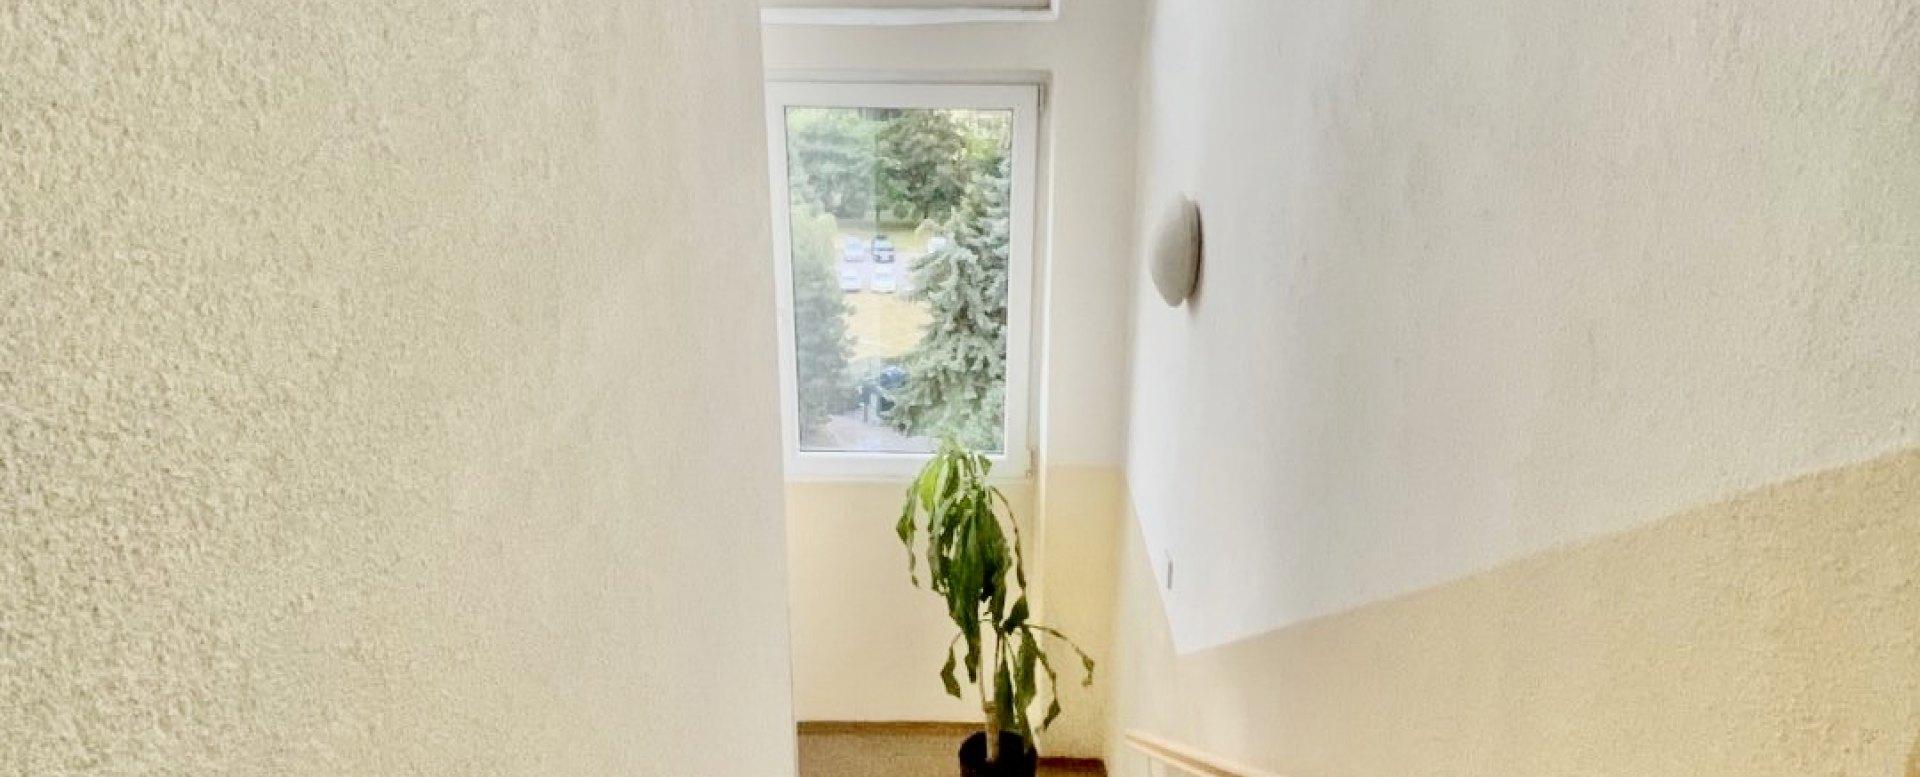 Schodisko bytového domu na Pražskej ulici v Košiciach